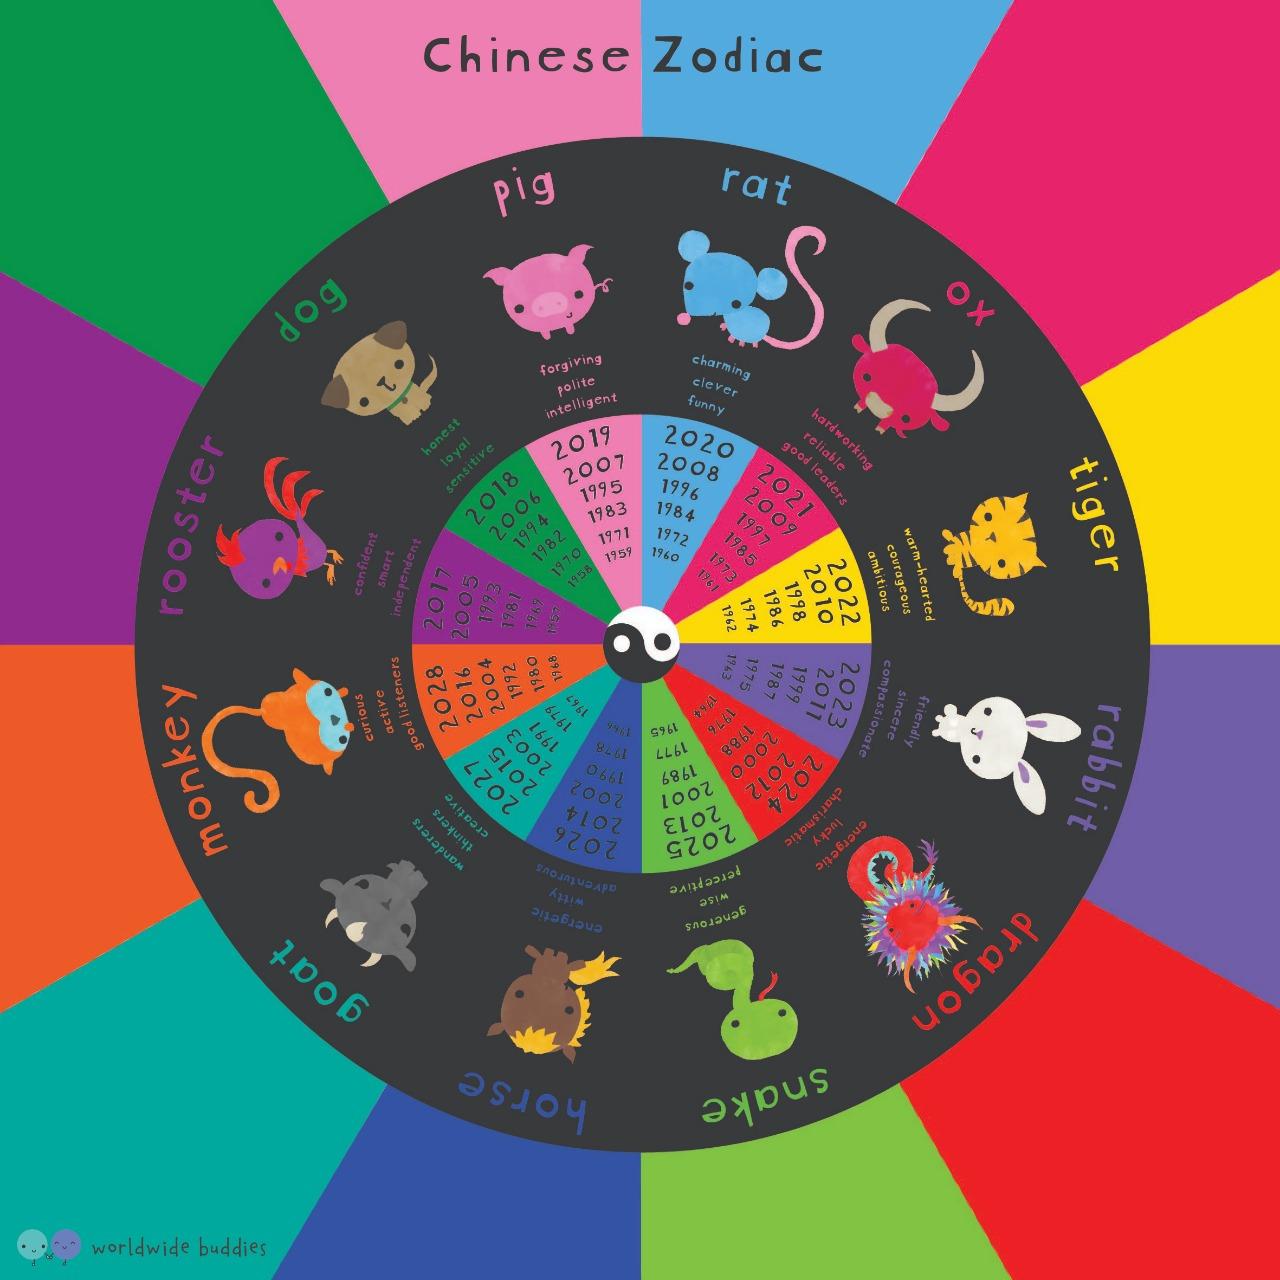 Chinese_Zodiac_poster